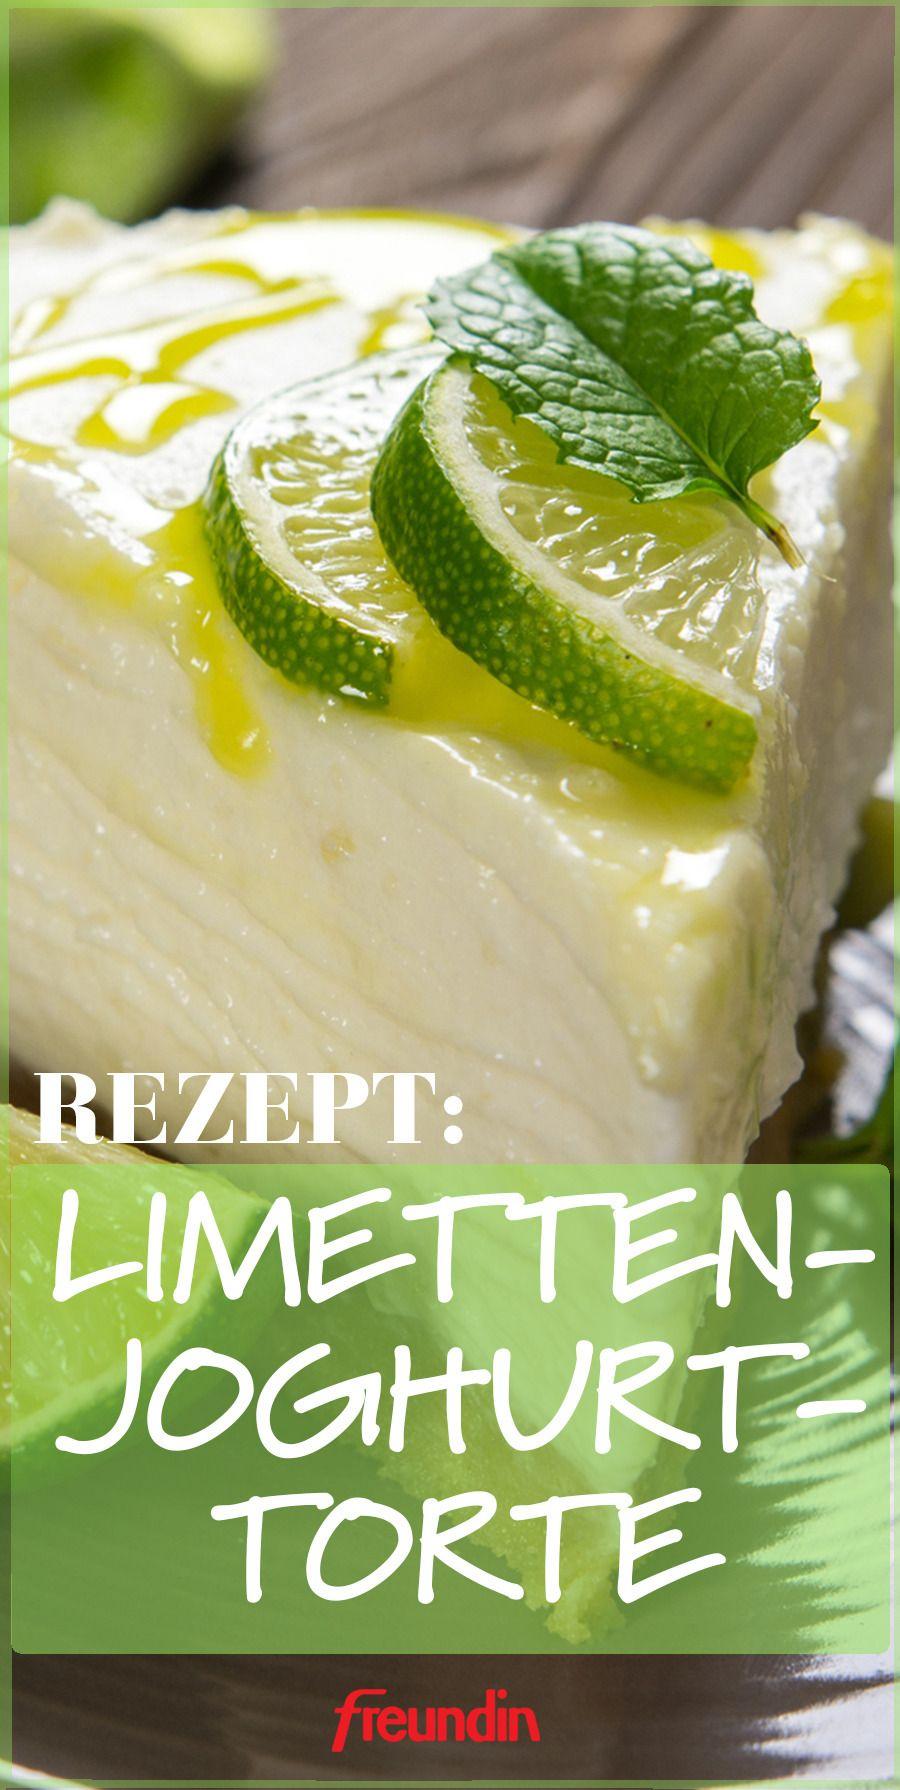 Kühlschrank-Kuchen: Limetten-Joghurt-Torte | freundin.de